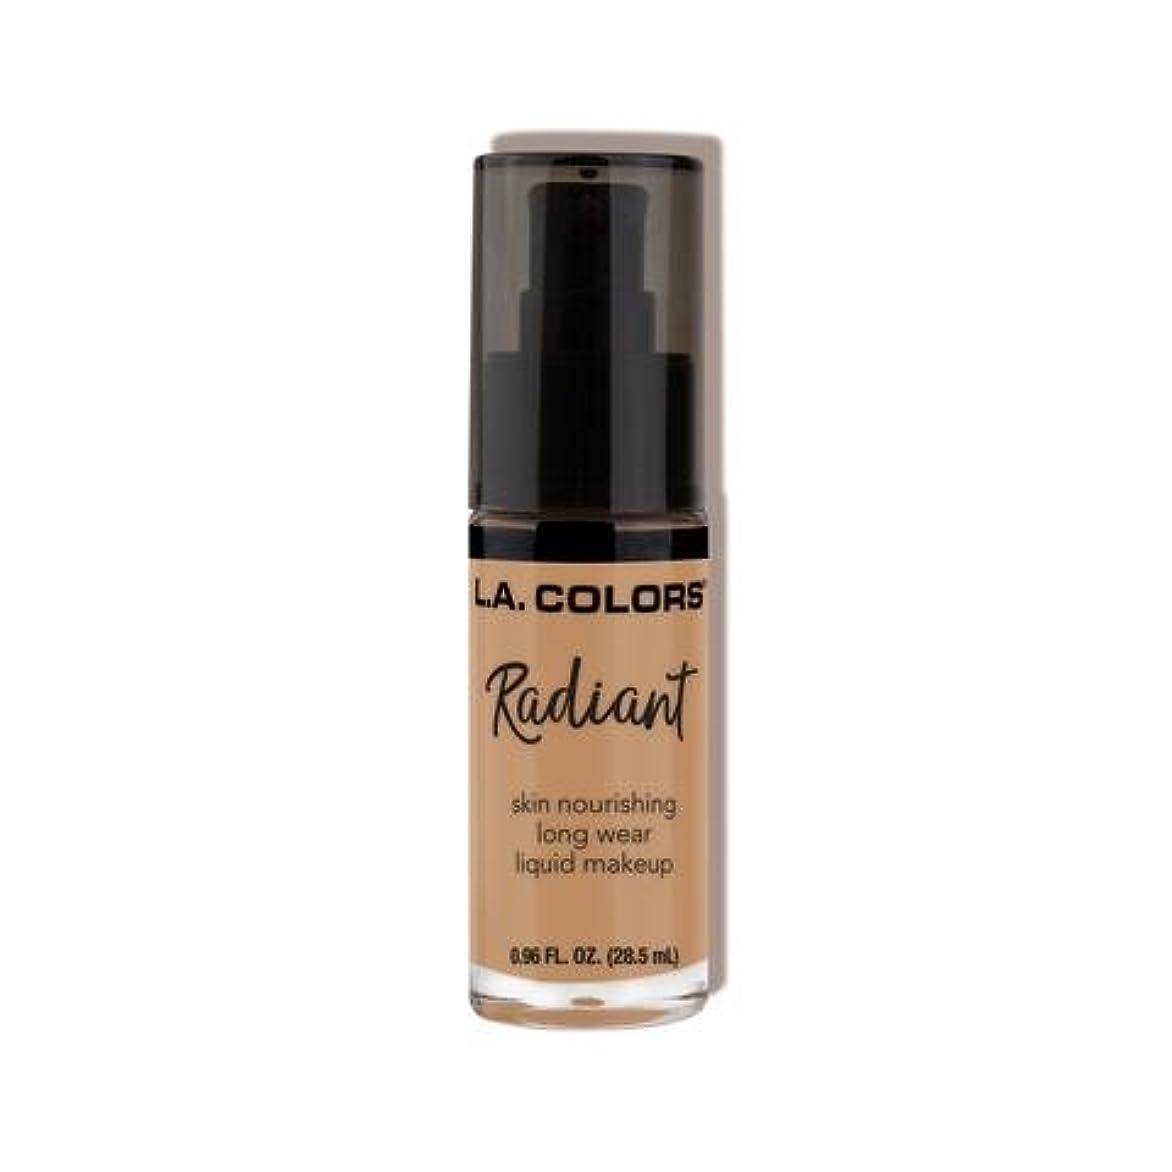 オーチャードアクセサリー特異性(6 Pack) L.A. COLORS Radiant Liquid Makeup - Light Toffee (並行輸入品)